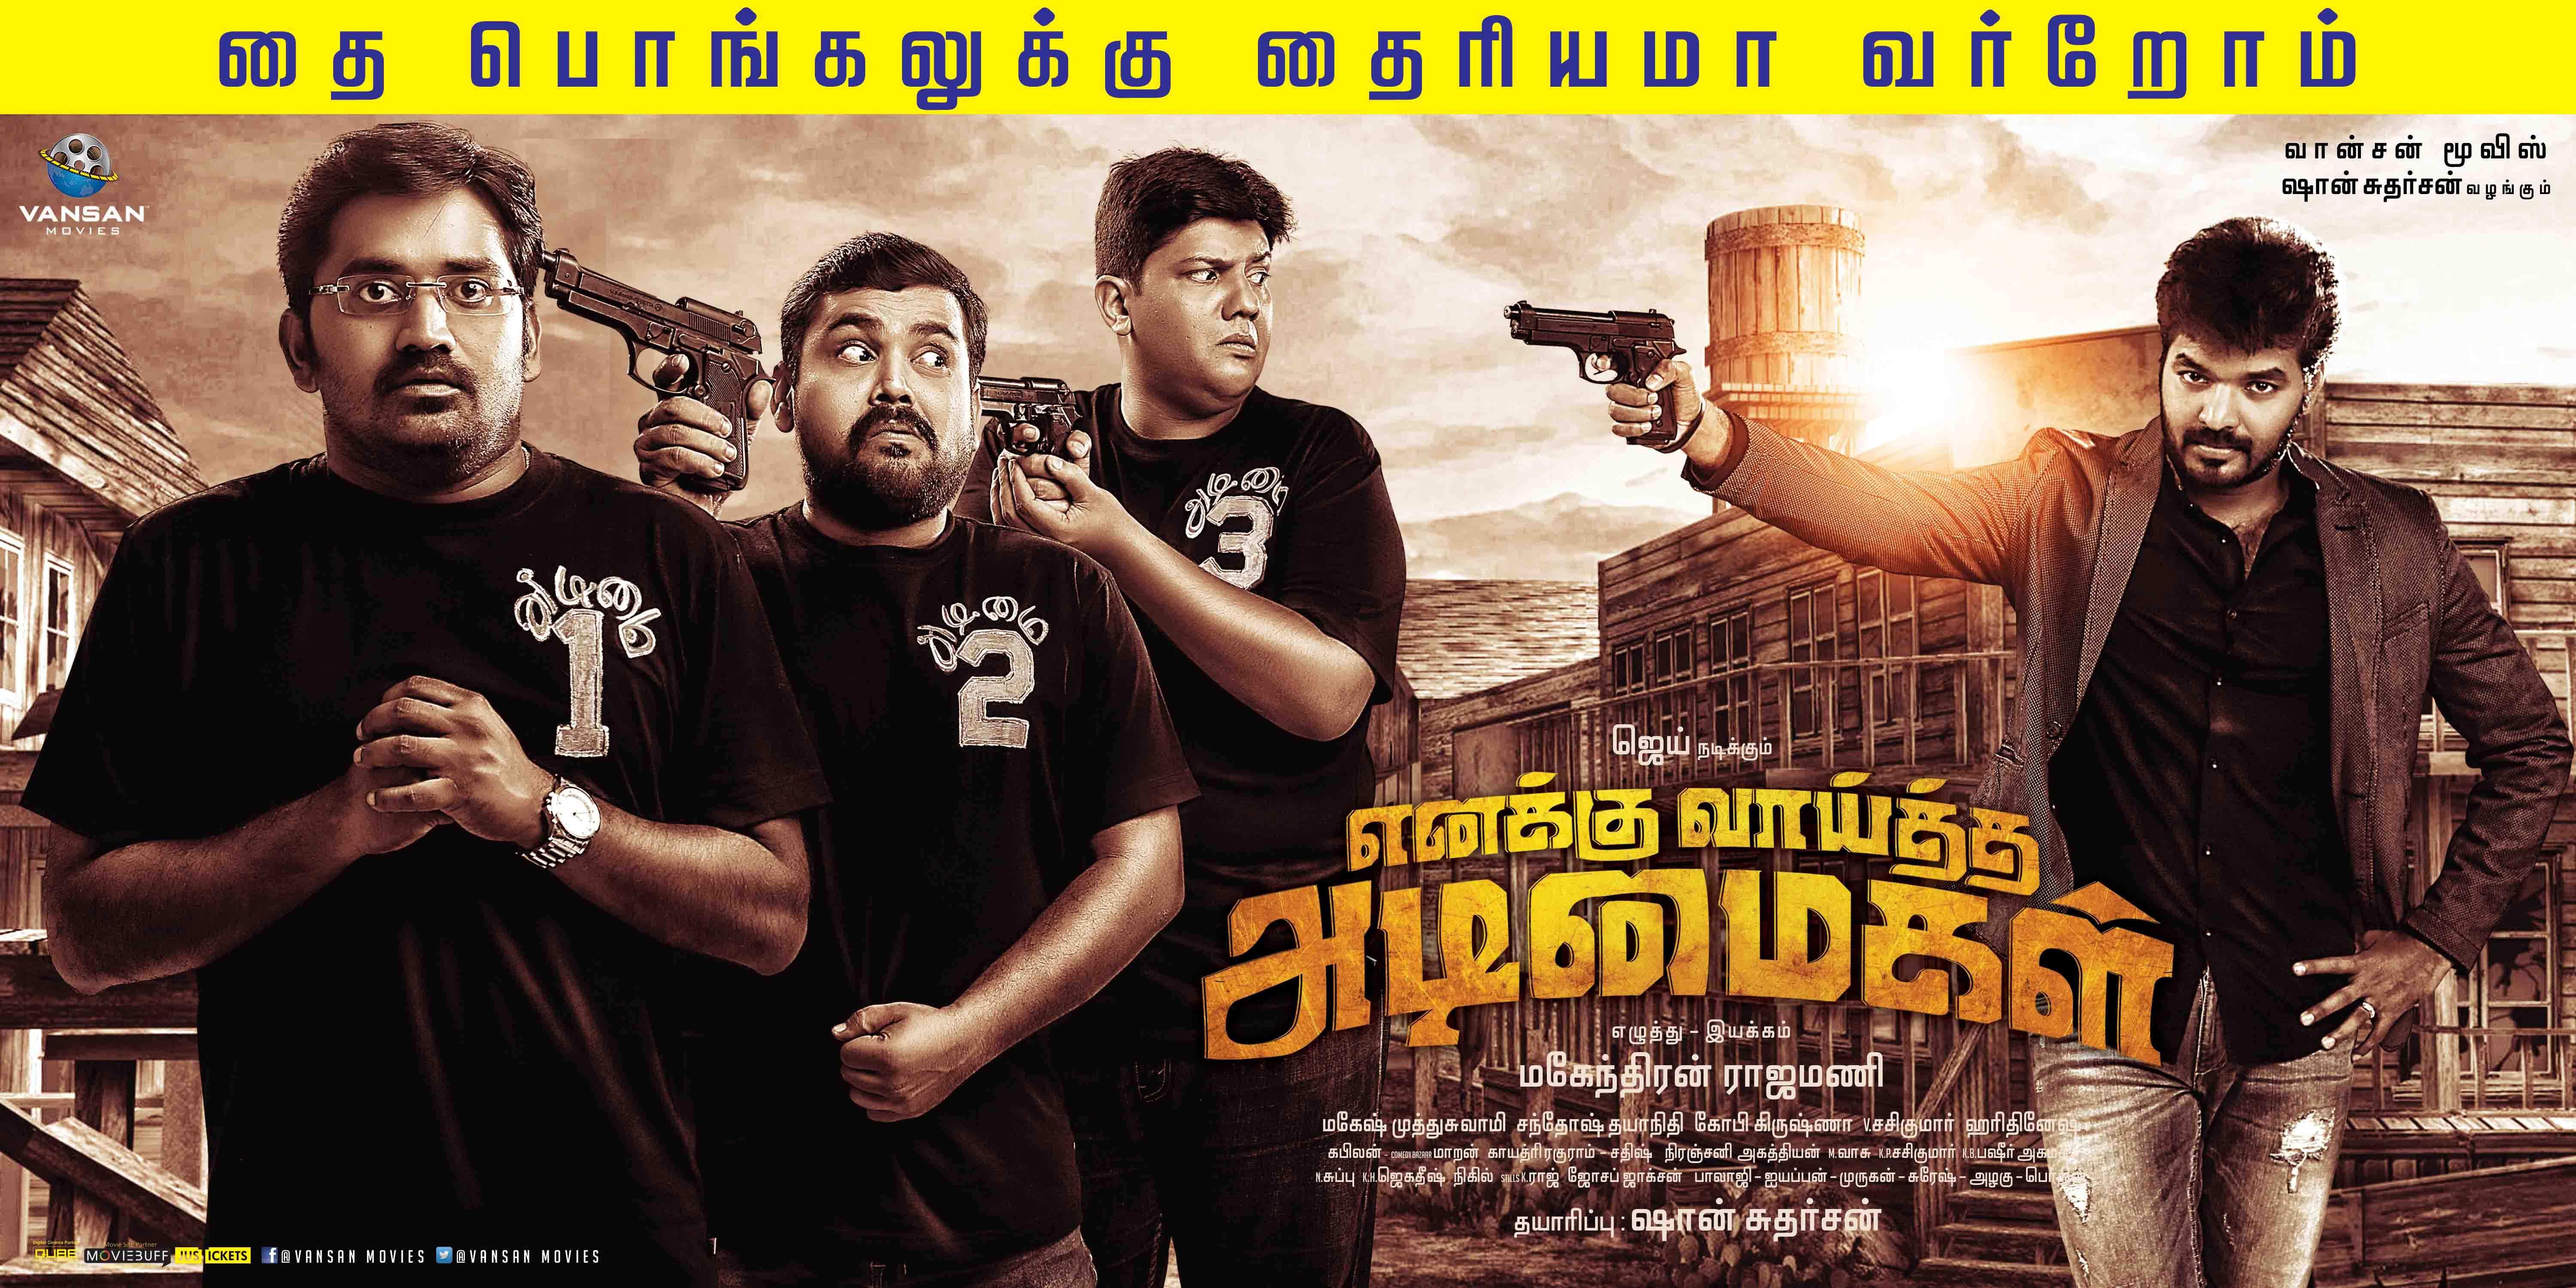 Enakku vaaitha adimaigal movie poster